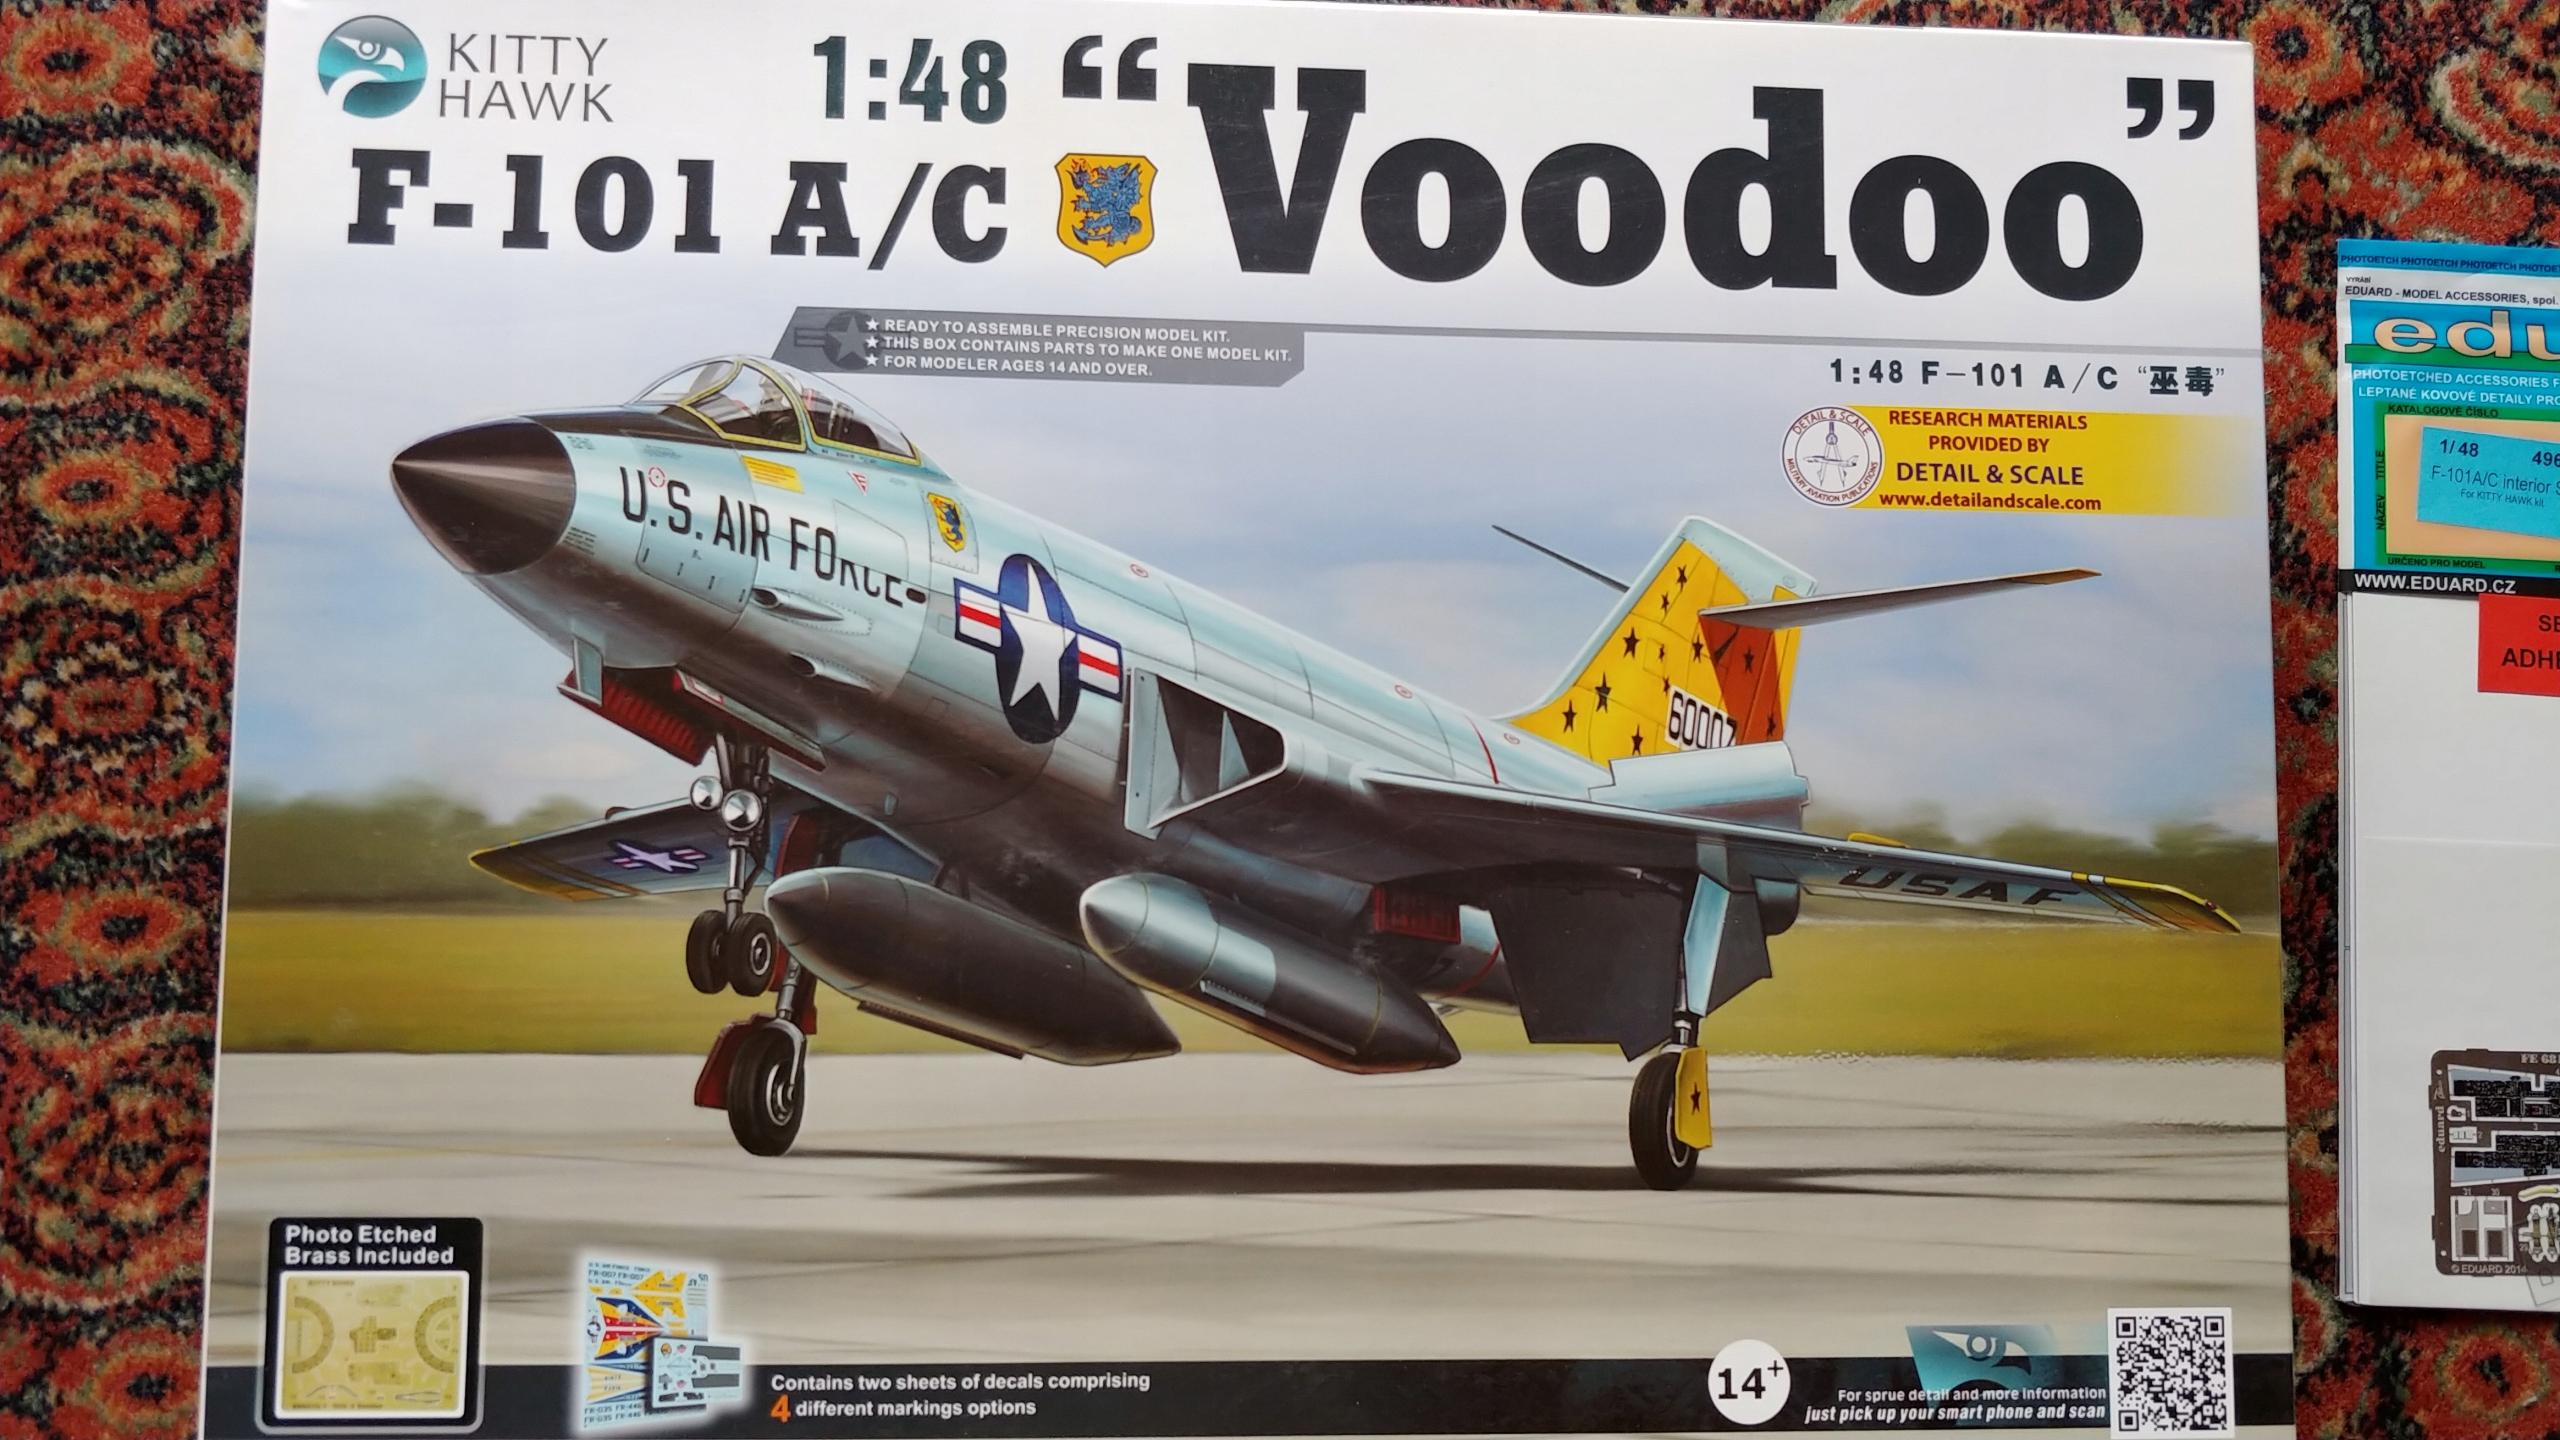 Kitty Hawk F-101A/C Voodoo mega zestaw